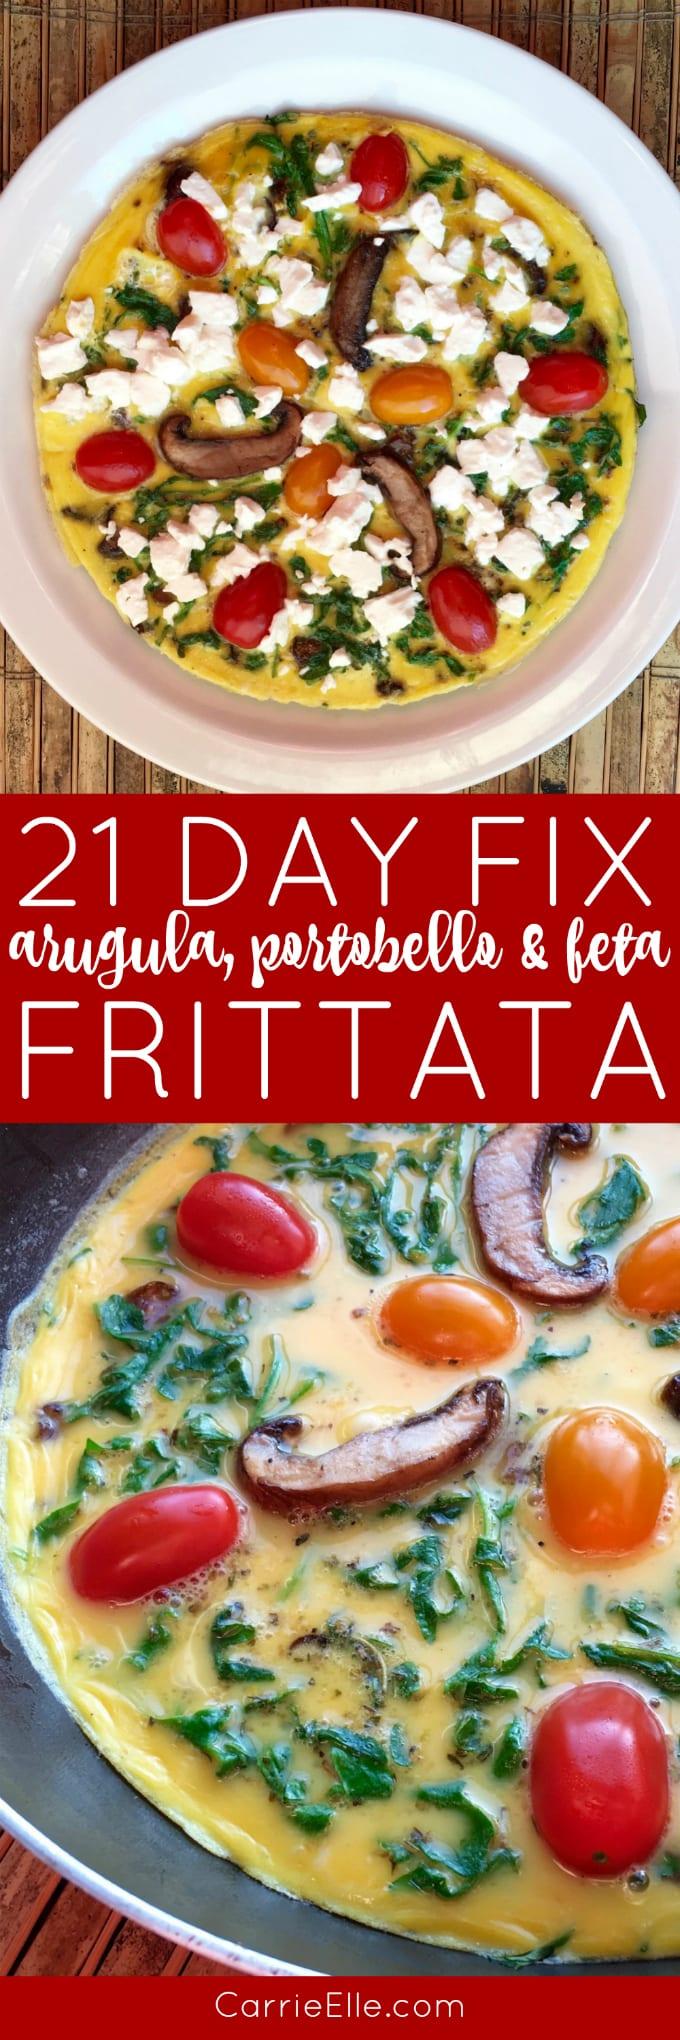 21 Day Fix Frittata